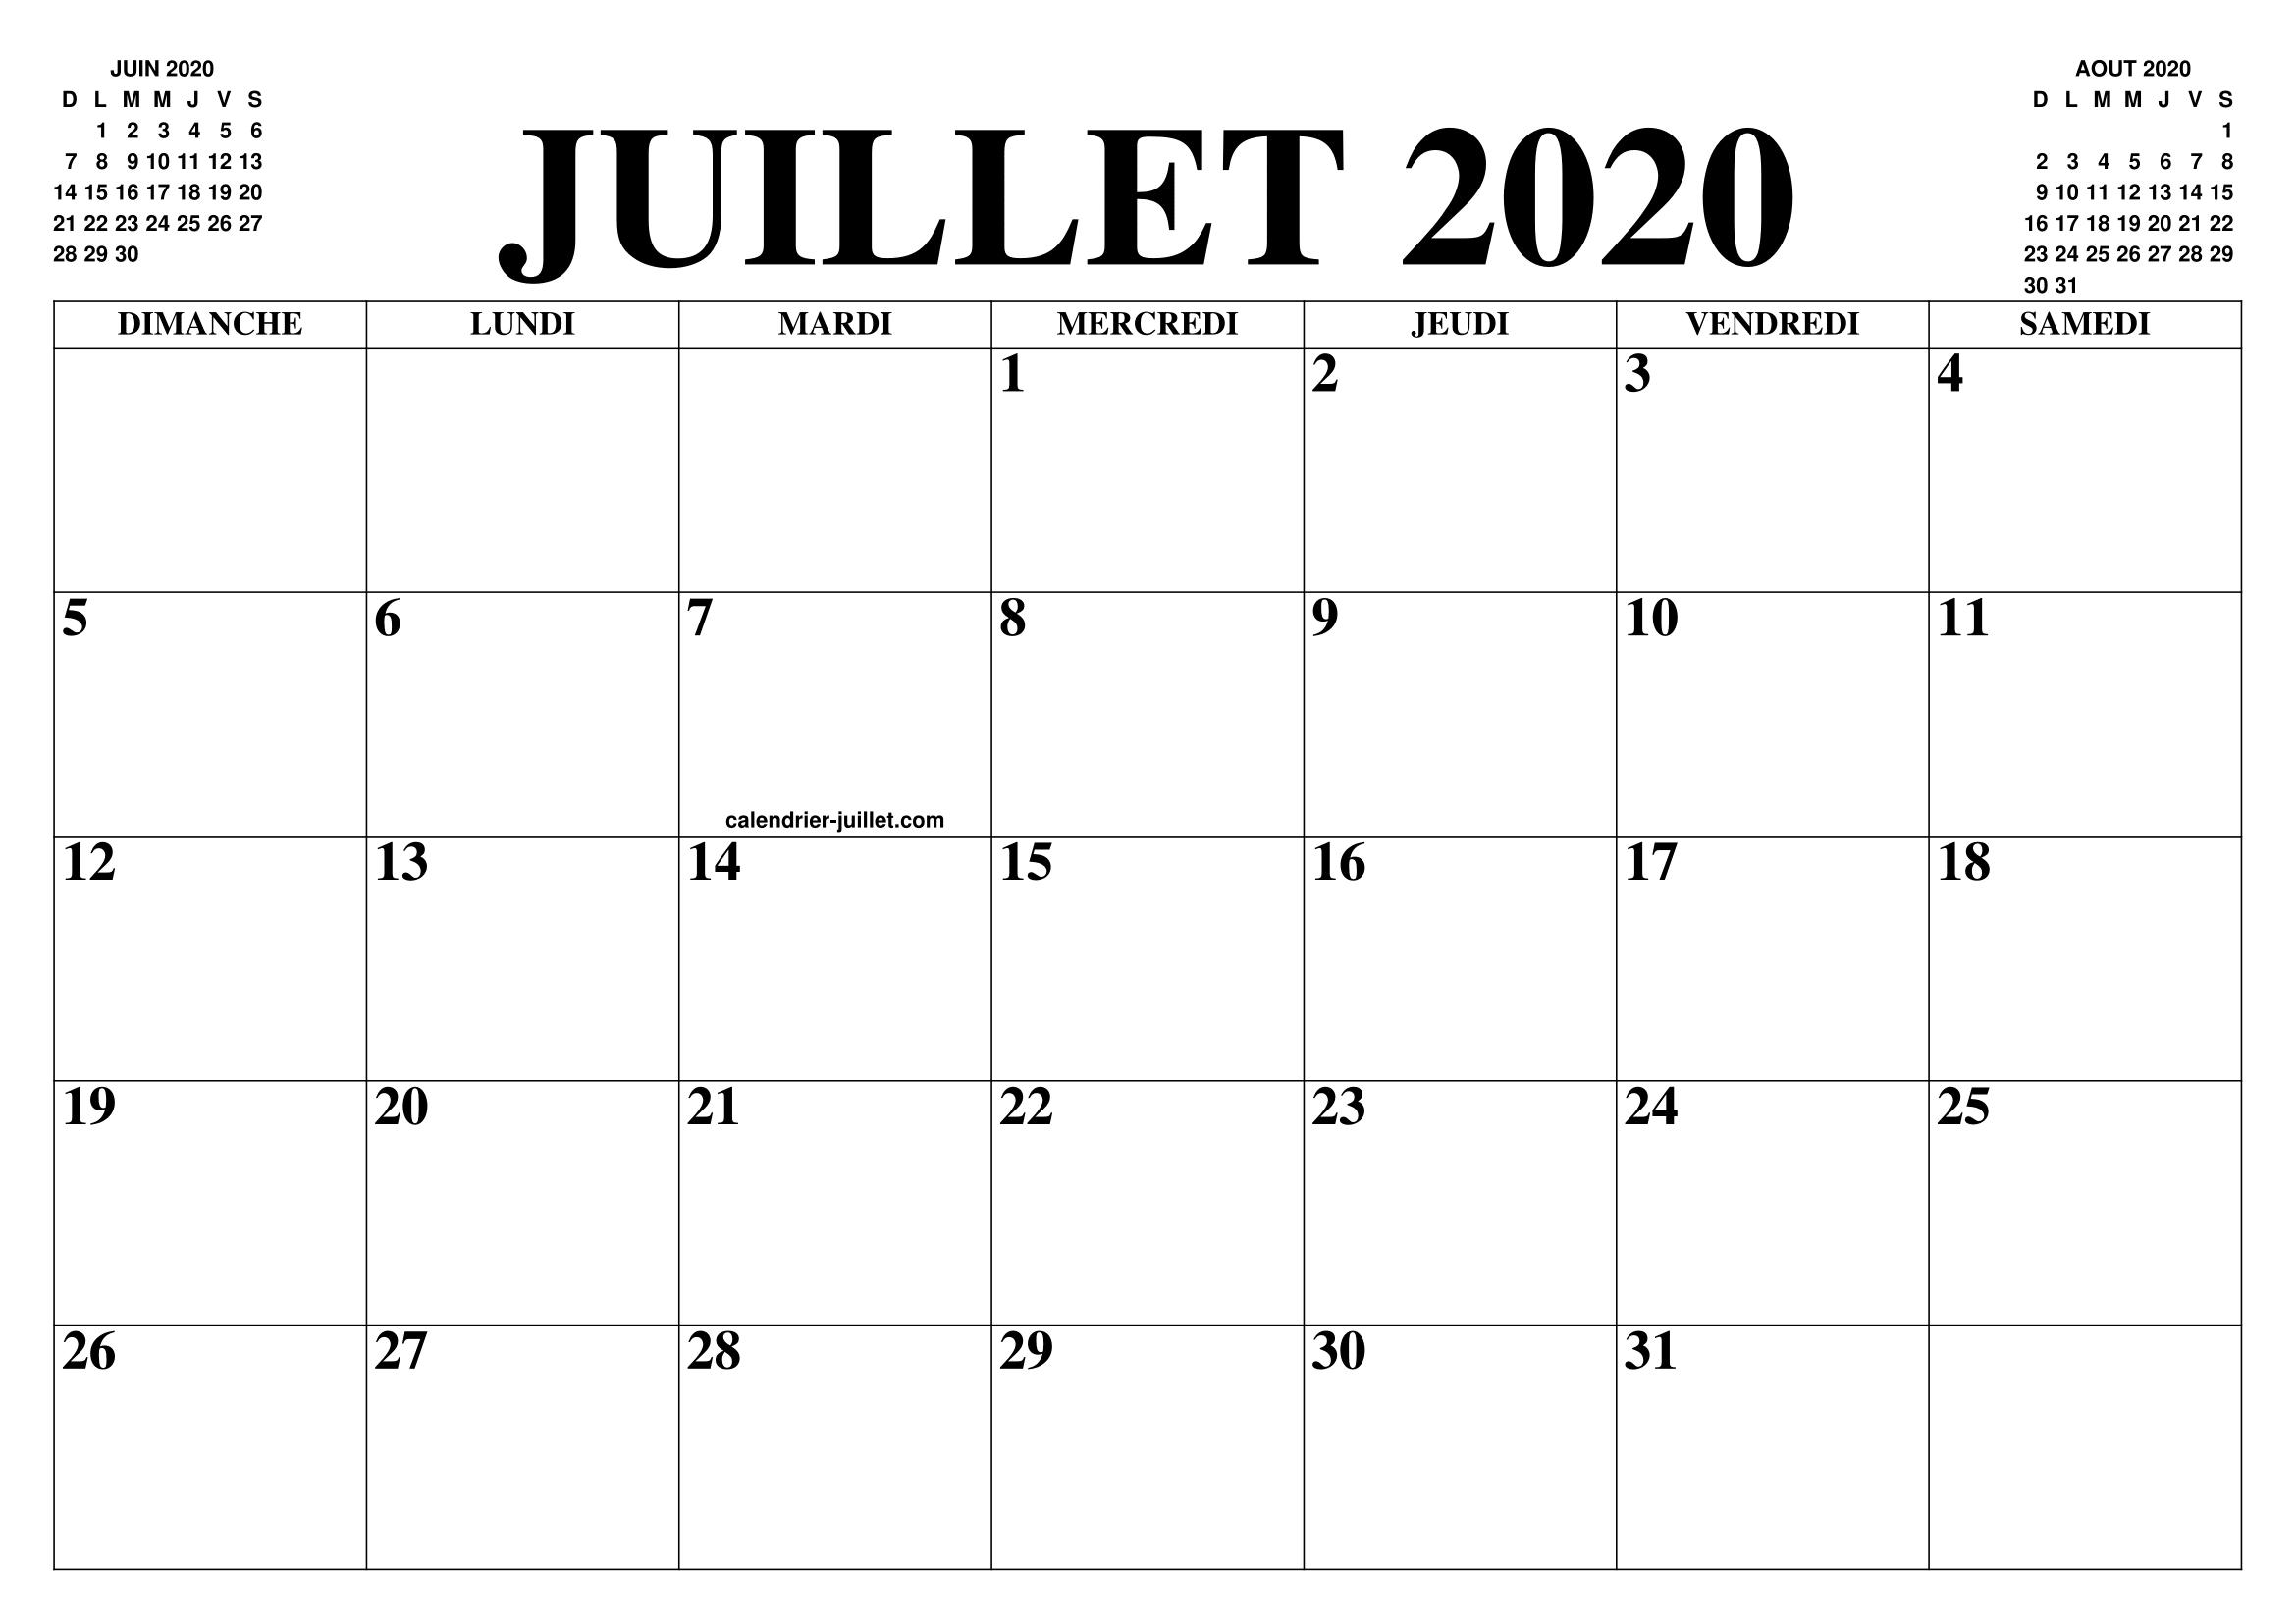 Calendrier Juillet 2020 A Imprimer Gratuit.Calendrier Juillet 2020 Le Calendrier Du Mois De Juillet